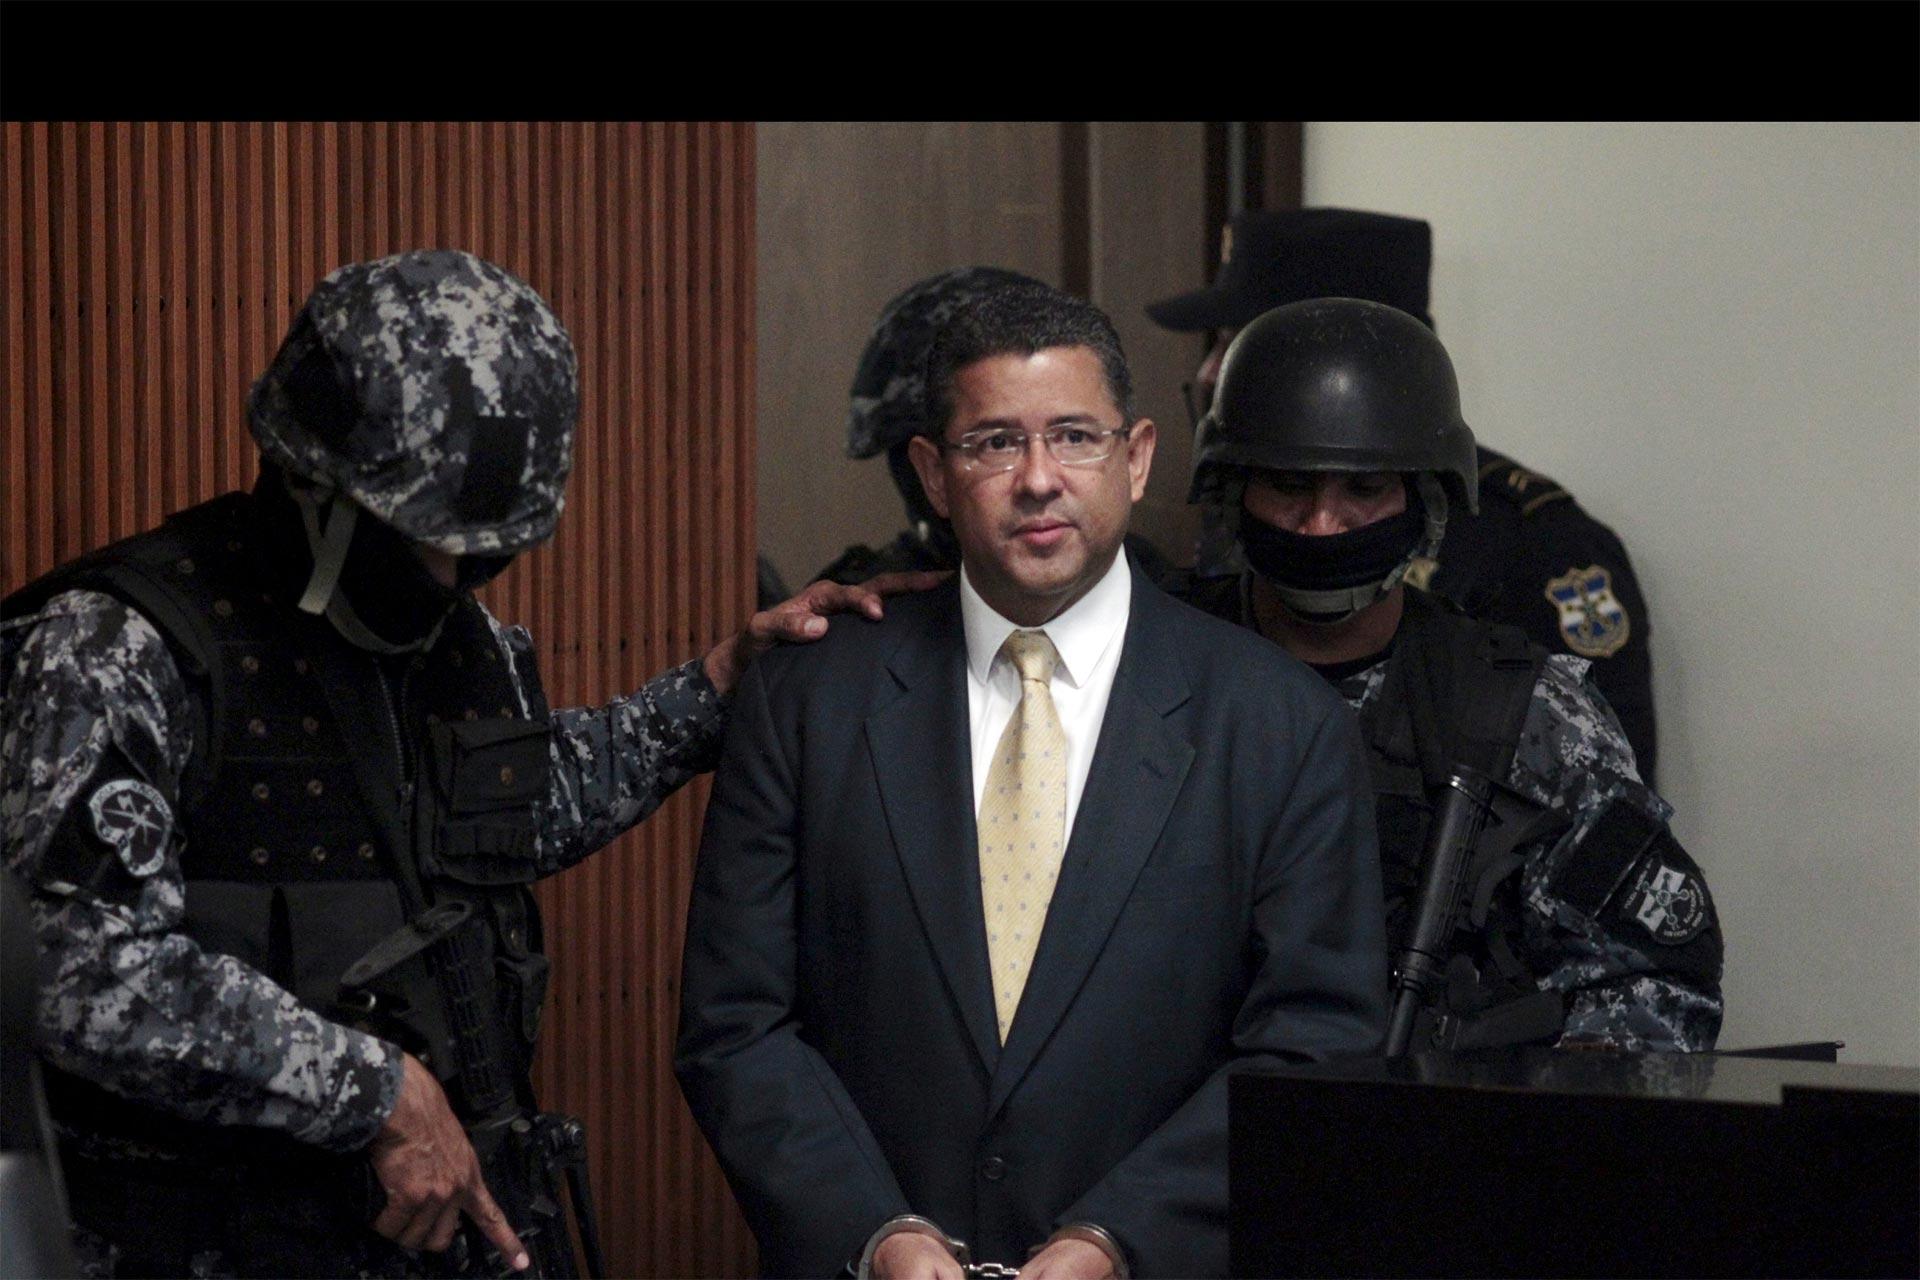 Francisco Flores es acusado de varios delitos de corrupción y lavado de dinero